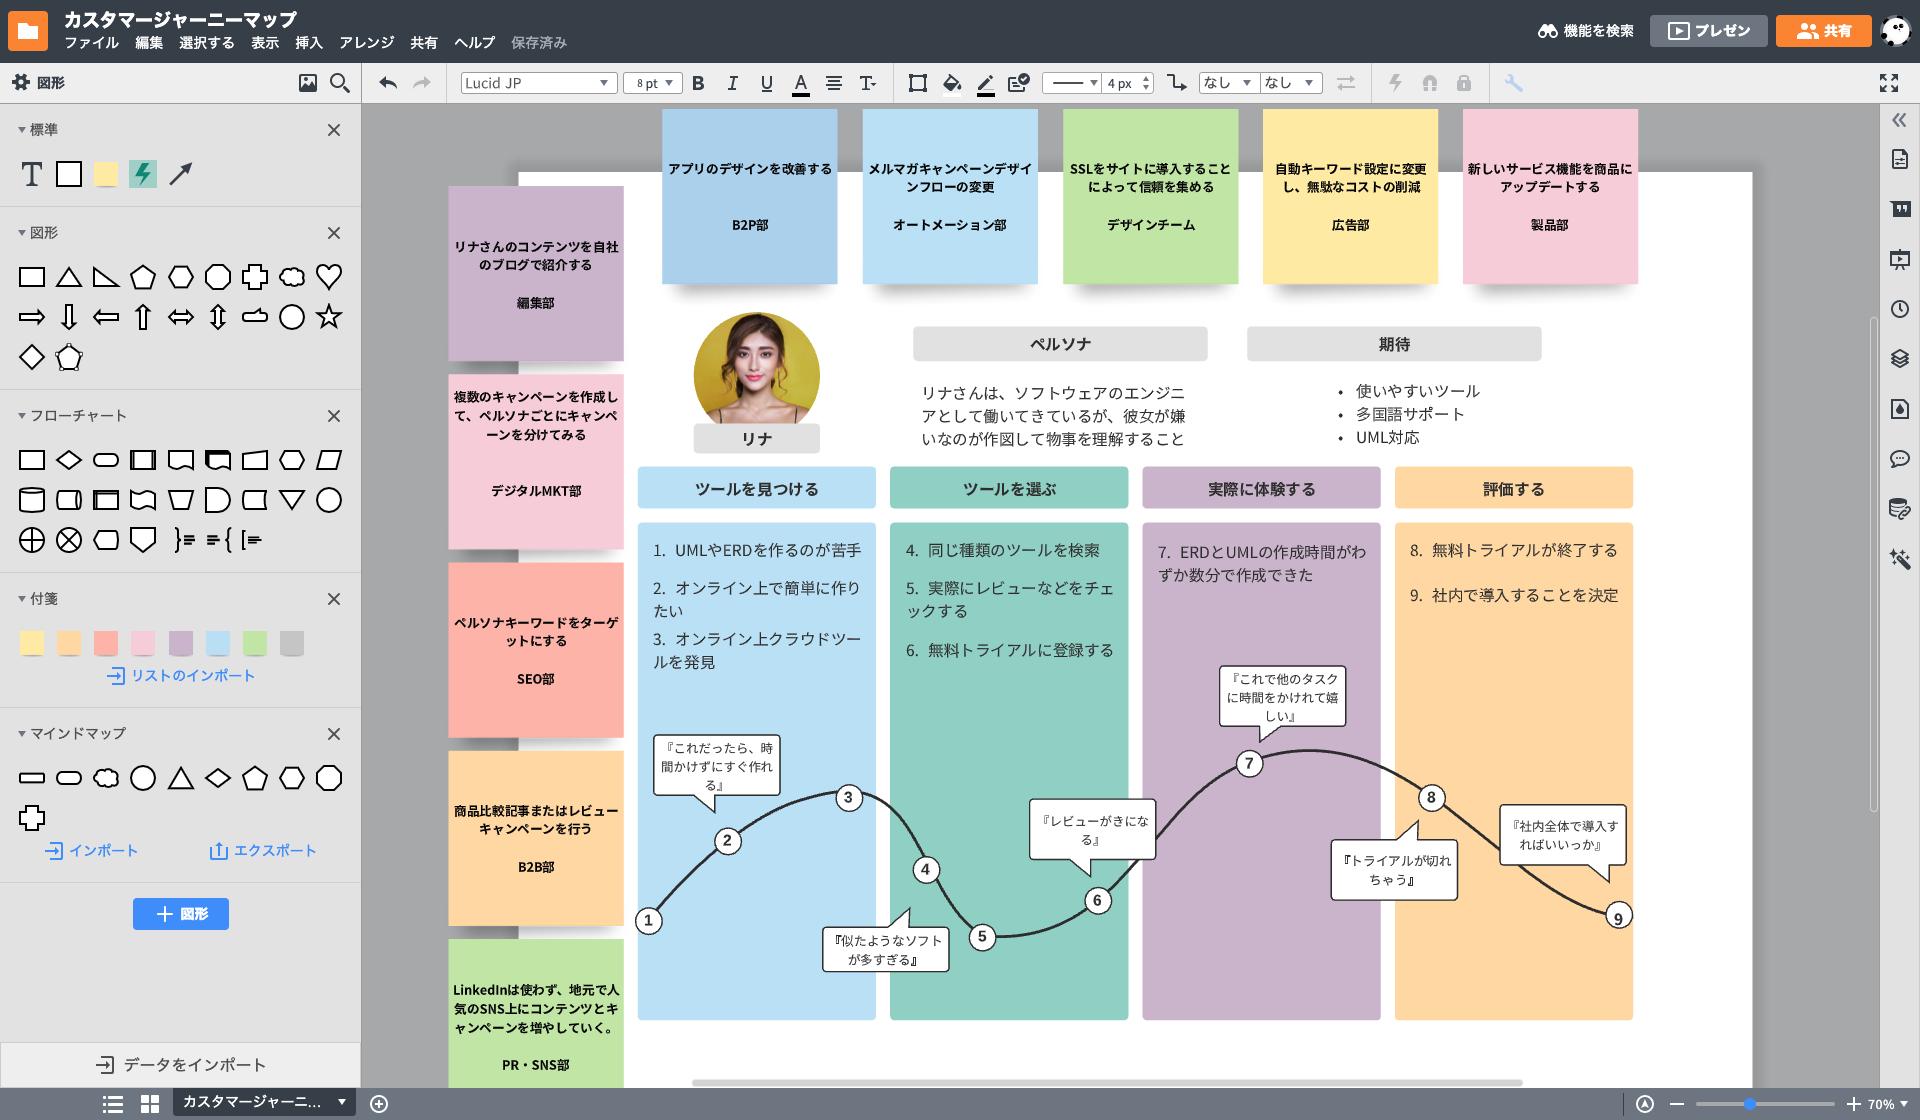 ブレインストーミング後はKJ法やマインドマップで更に整理!